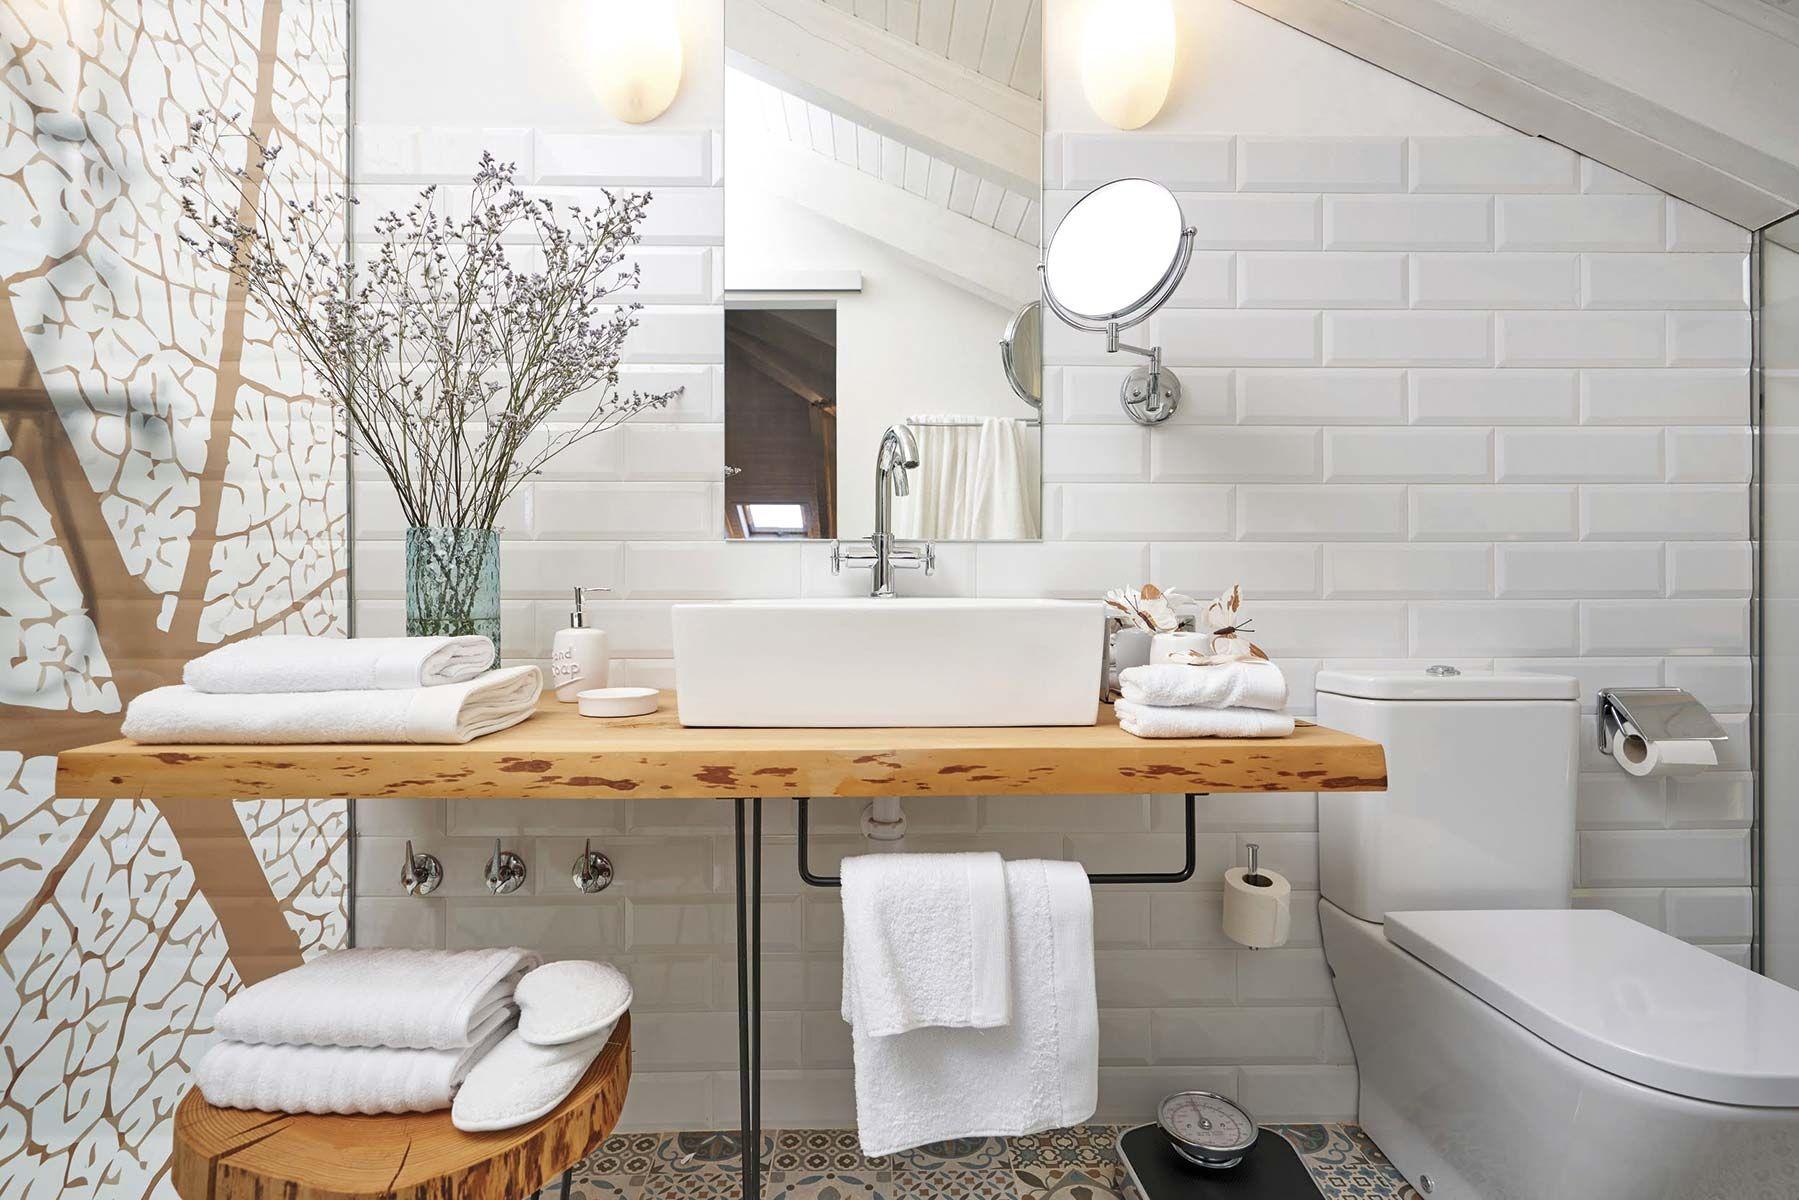 Baño con encimera de madera natural